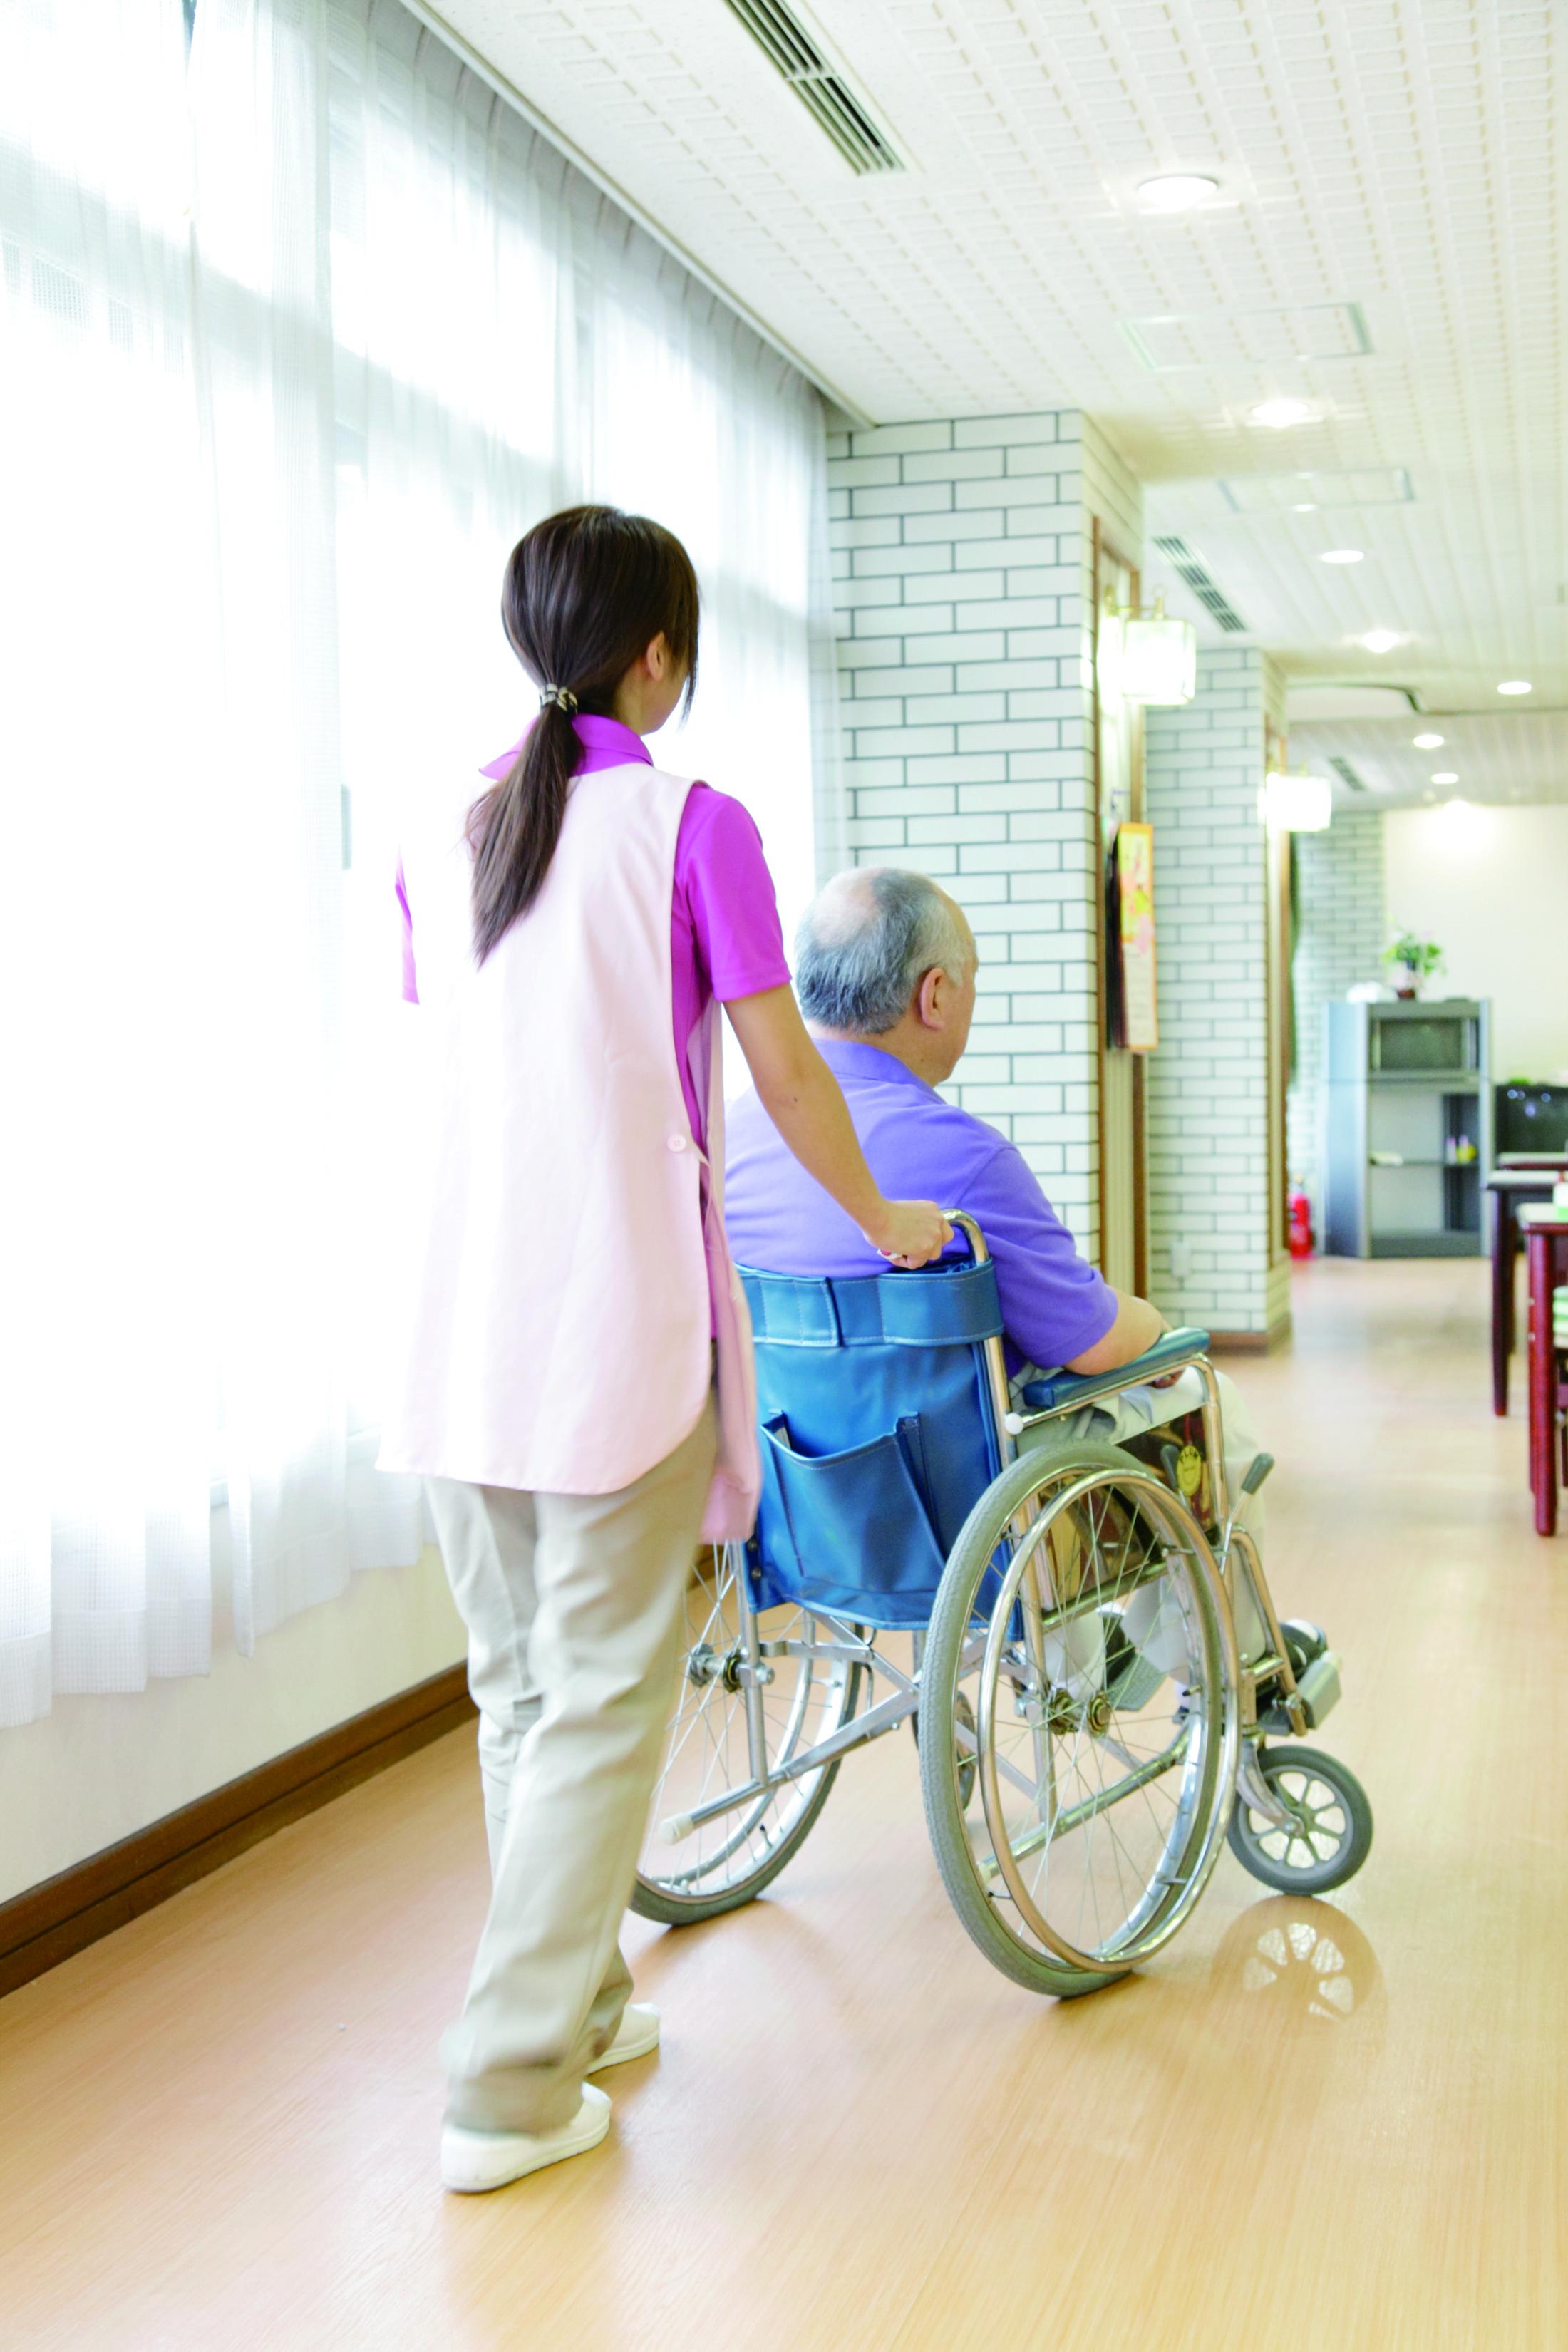 【東根市】《職業紹介》介護施設でのお仕事 正社員雇用